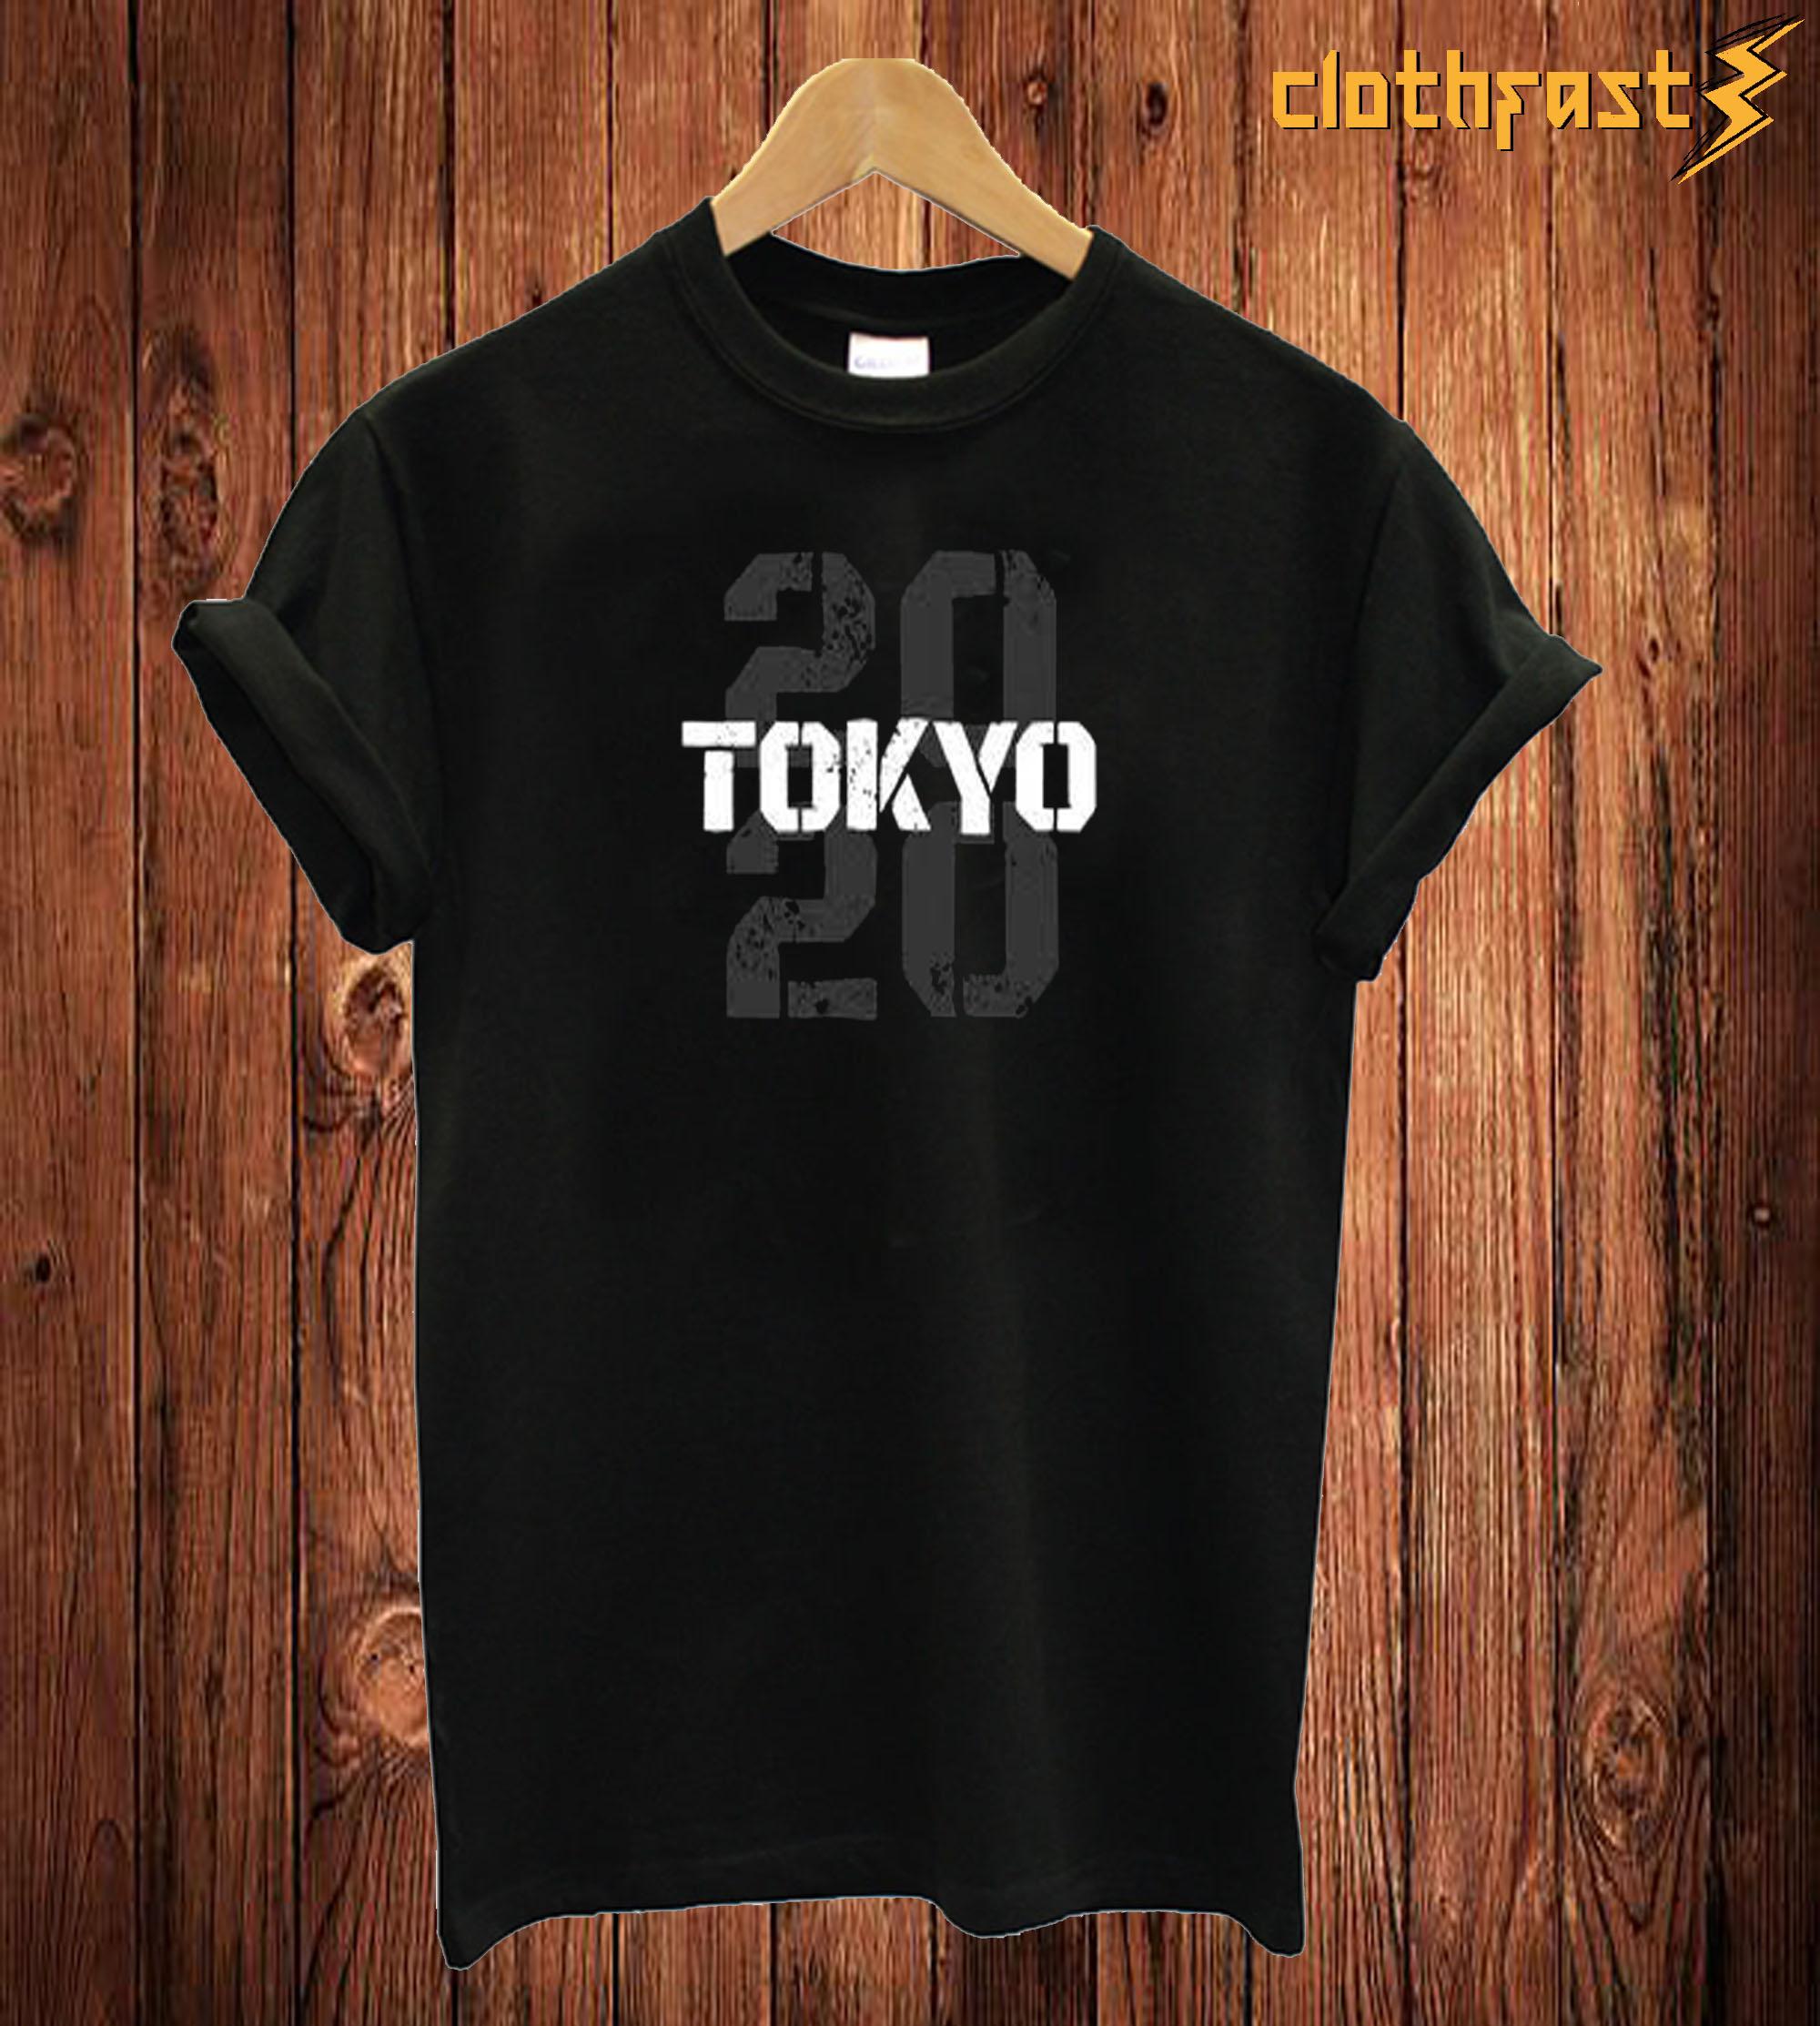 Tokyo 2020 T Shirt